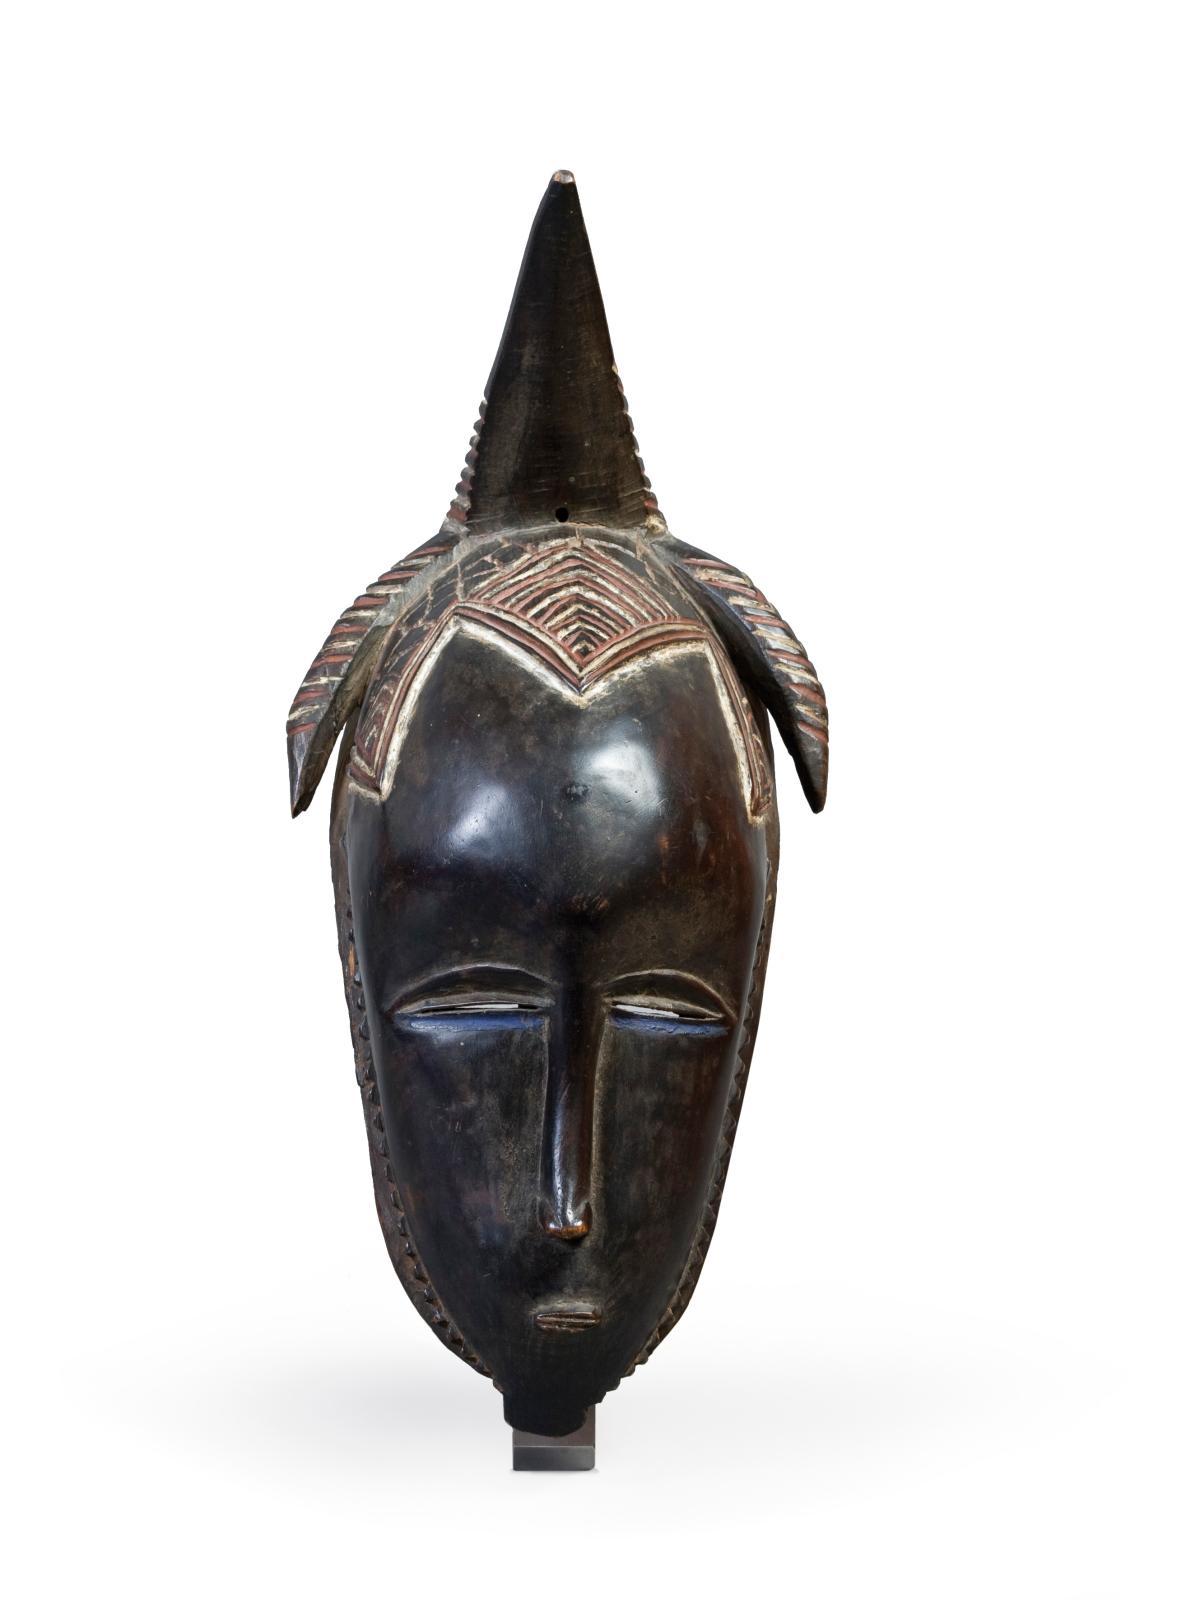 Masque gouro (Côte d'Ivoire), bois poli à patine foncée et polychromie, h.39cm, Troyes, musée d'art moderne, collections nationales Pier